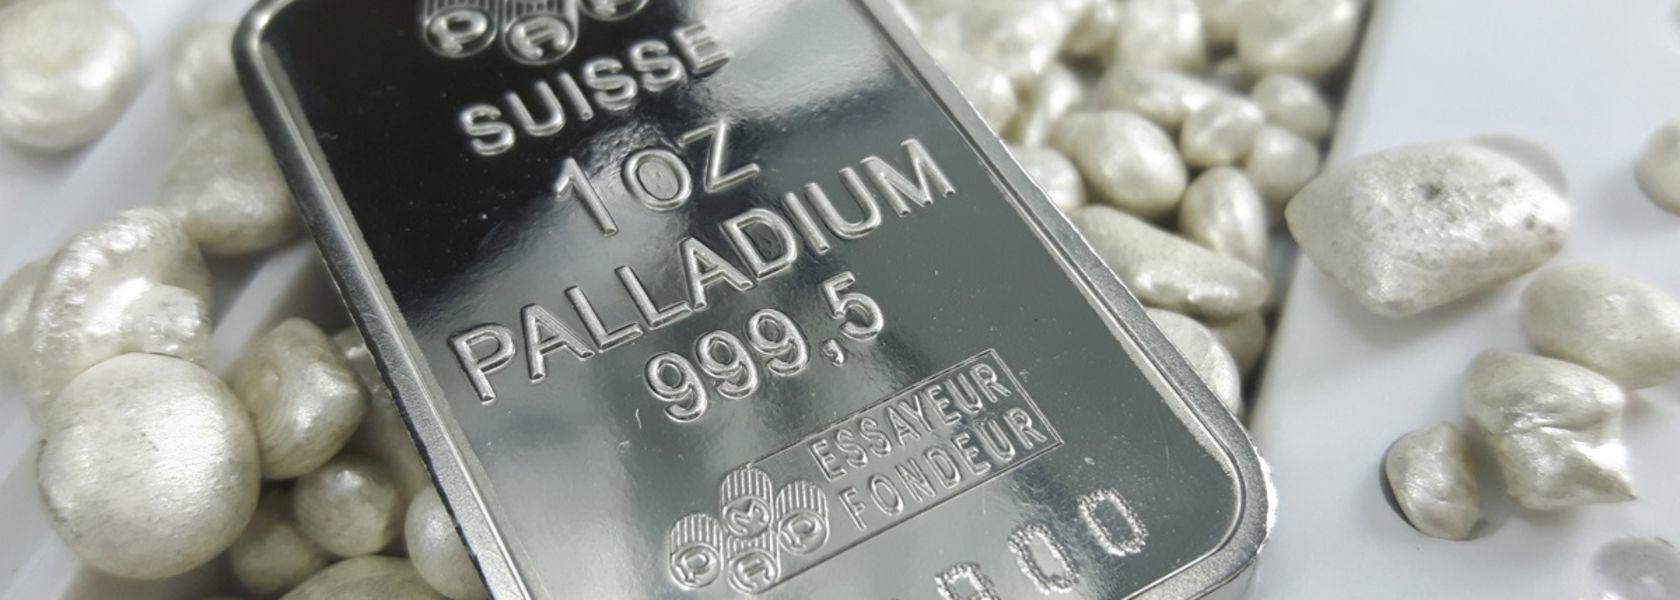 Platinum price